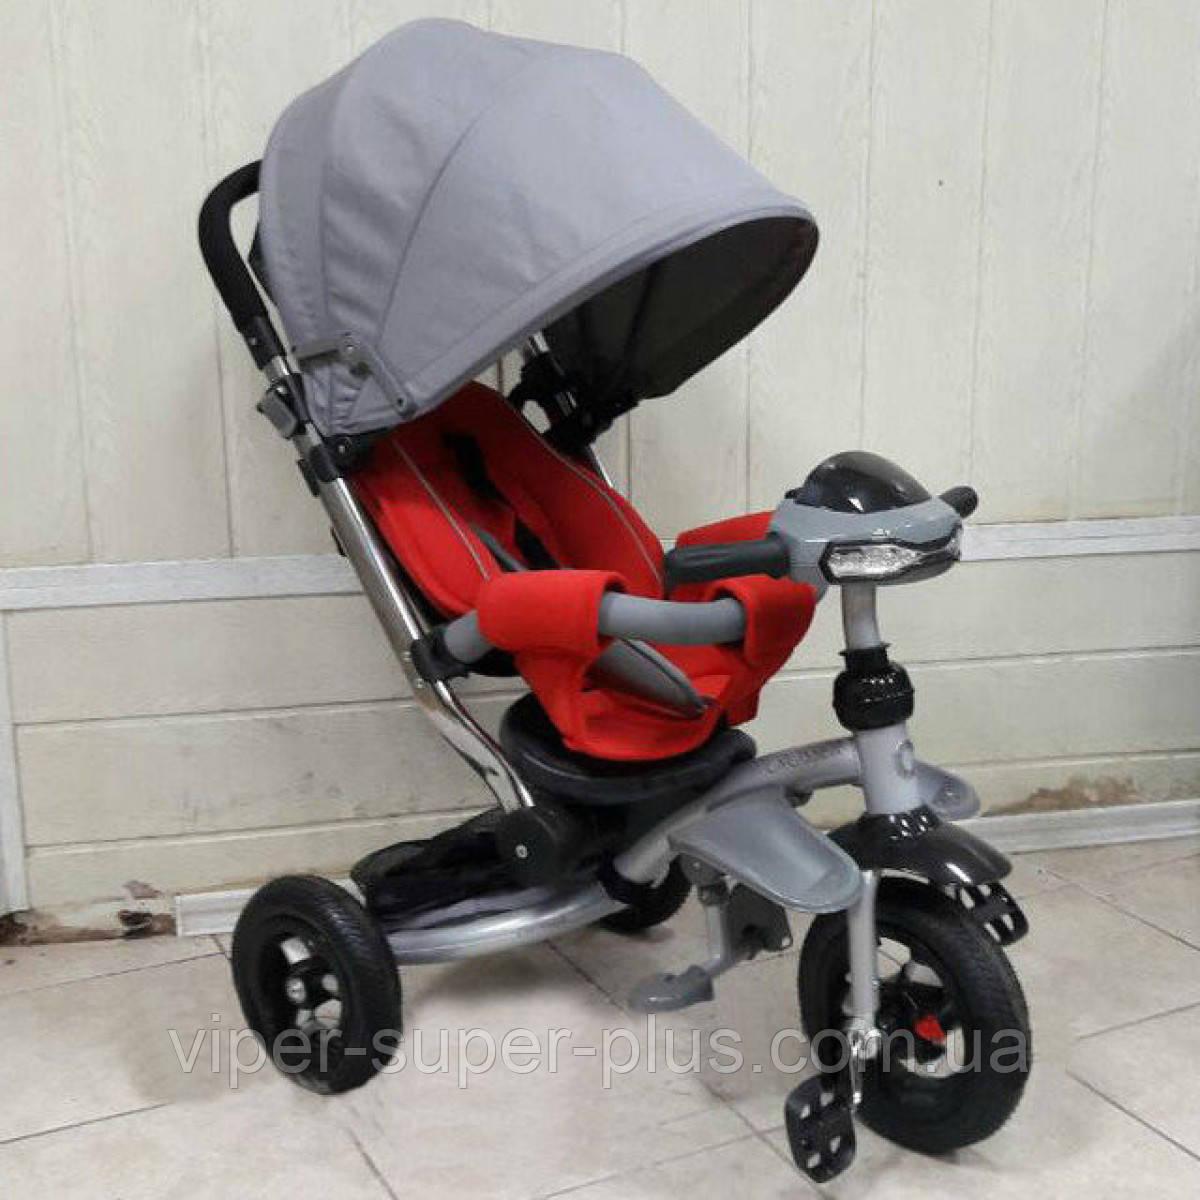 """Дитячий триколісний велосипед T - 350 Crosser AIR (накачка) T -350 """"CROSSER"""" AIR"""